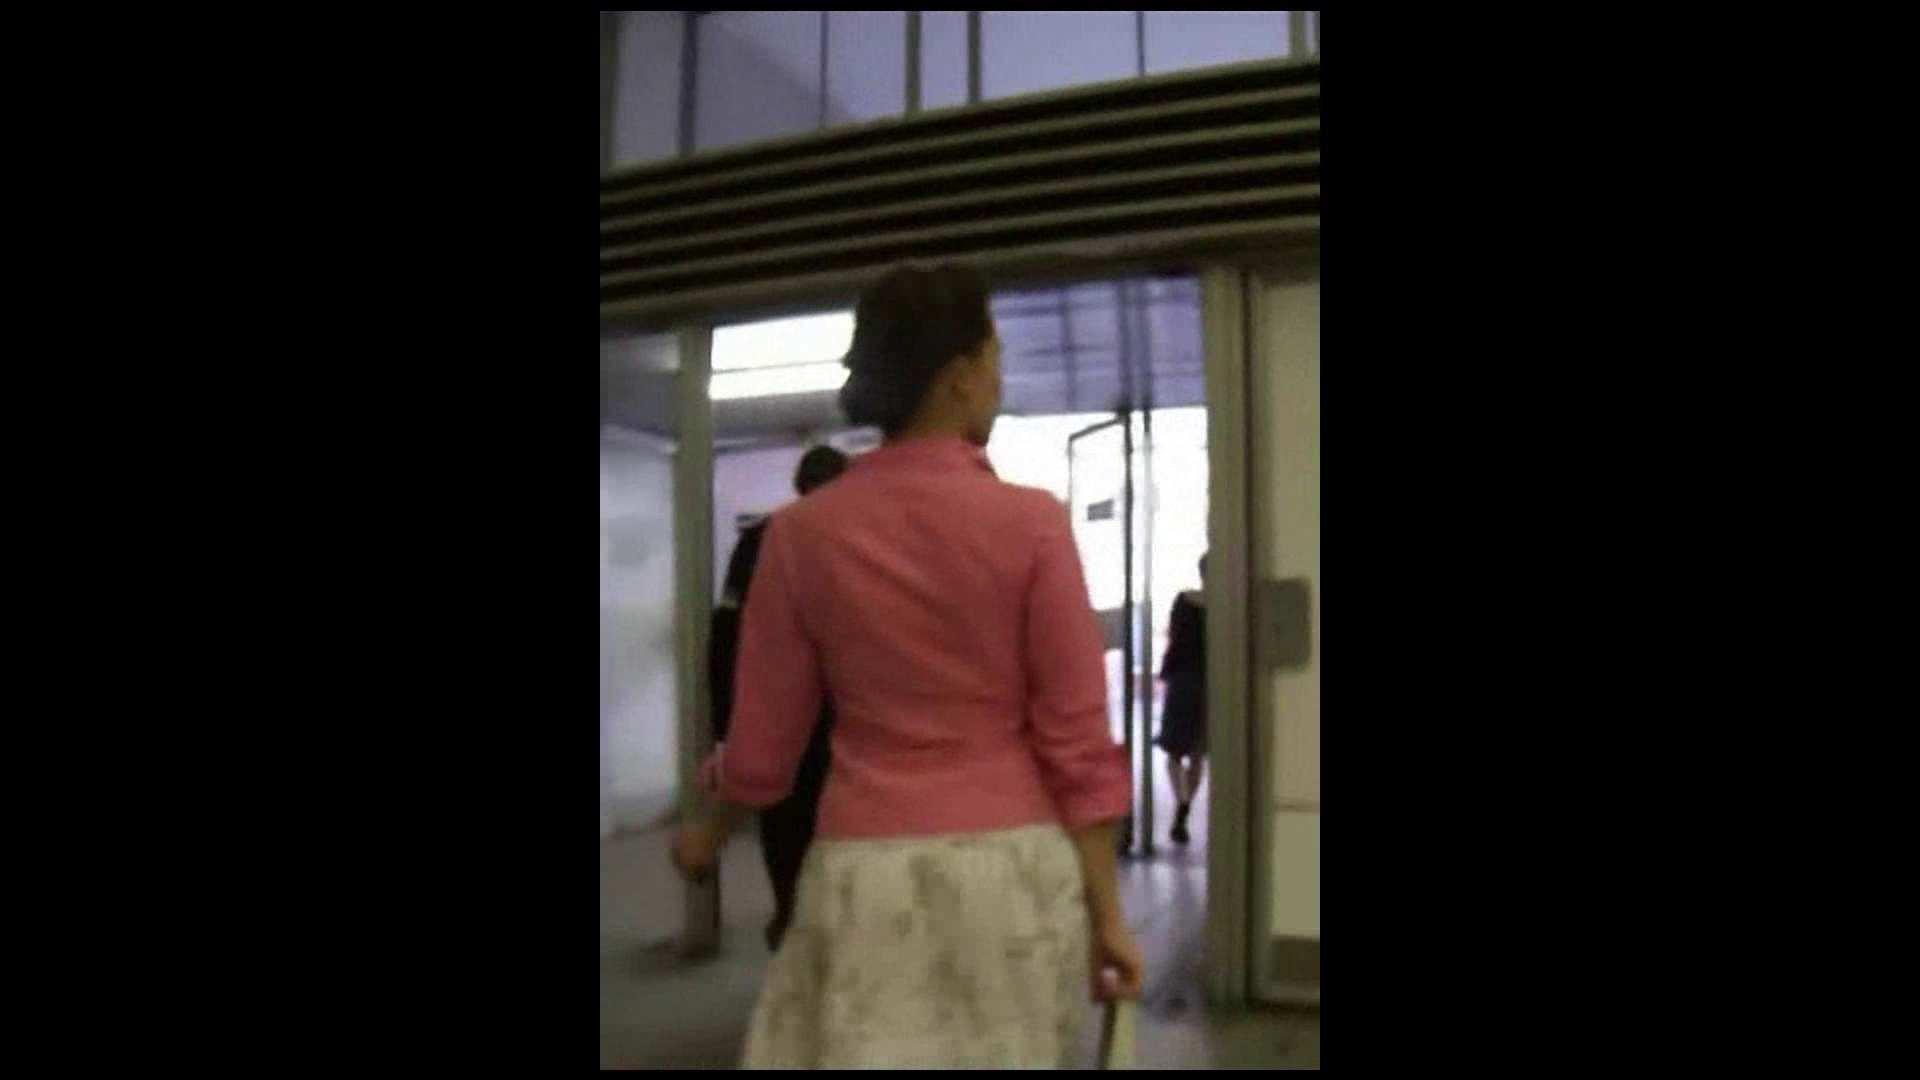 綺麗なモデルさんのスカート捲っちゃおう‼vol02 HなOL   モデルヌード  93pic 92